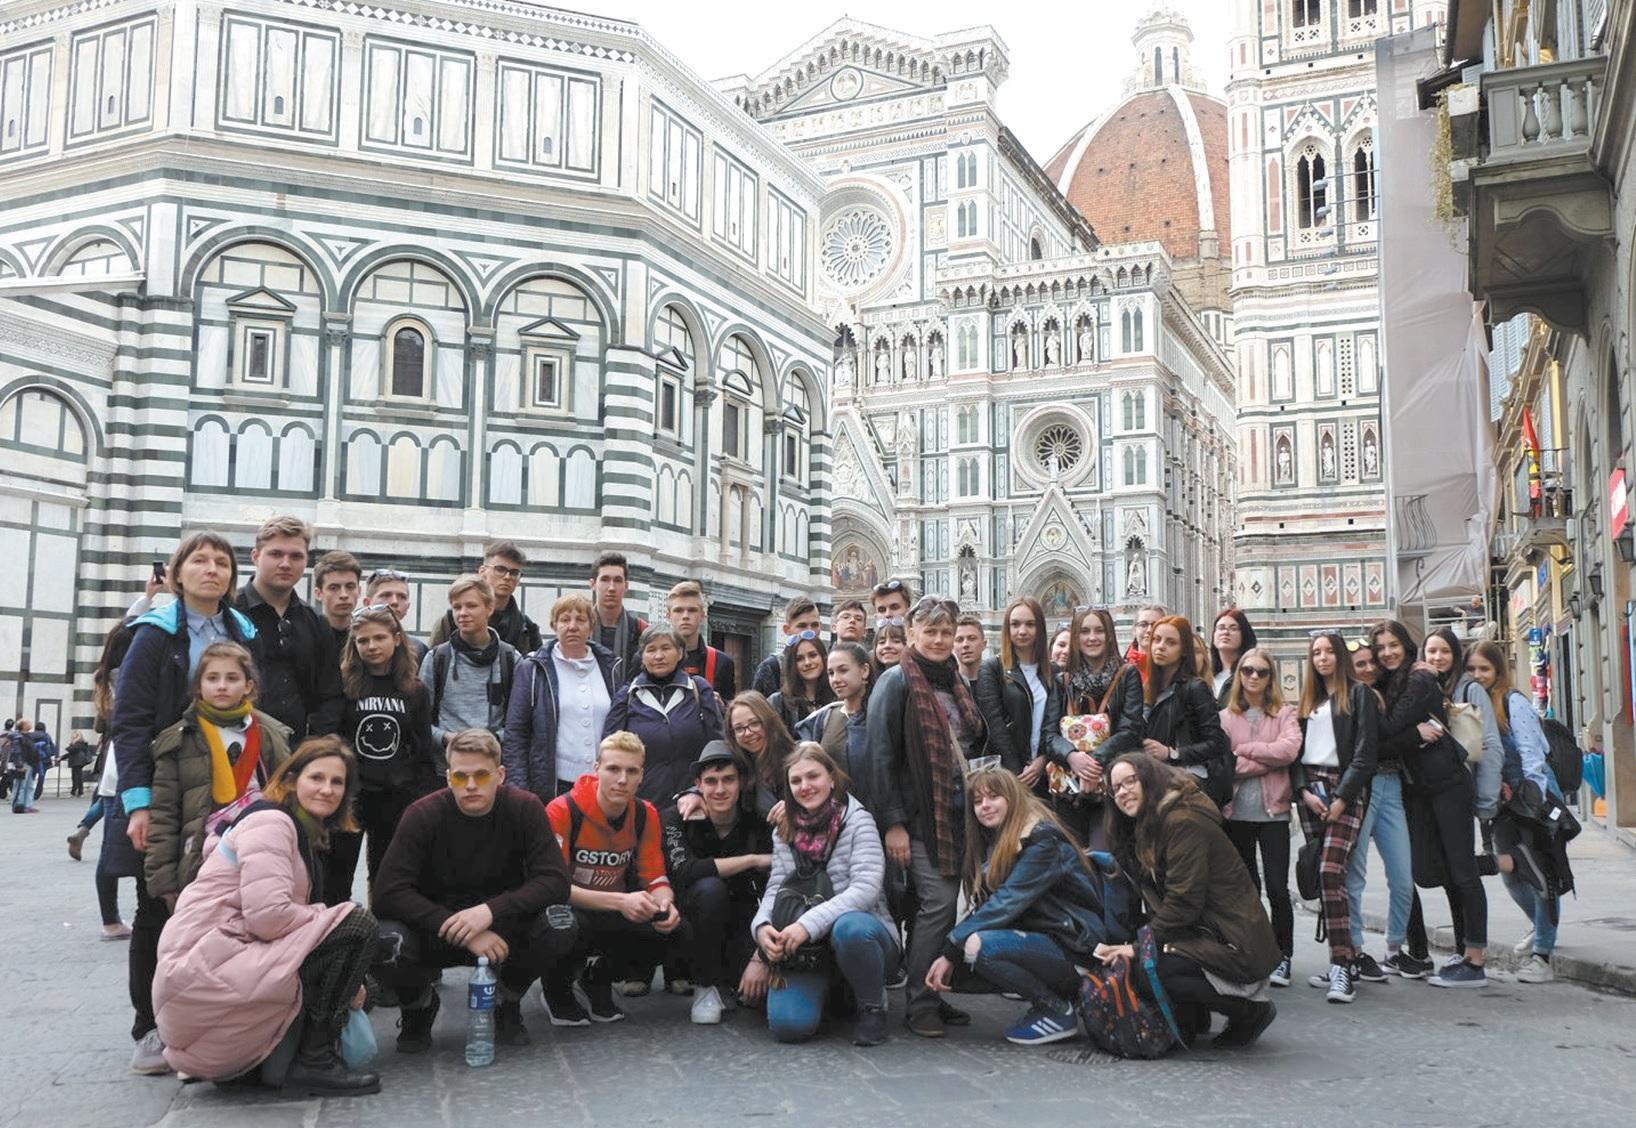 """Vaikų ir jaunimo kolektyvai """"Auštaras"""" ir """"Smilgelė"""" pristatė Lietuvos kultūros paveldą Italijoje ir susipažino su gražiausiais Italijos miestais. Asmeninio archyvo nuotr."""